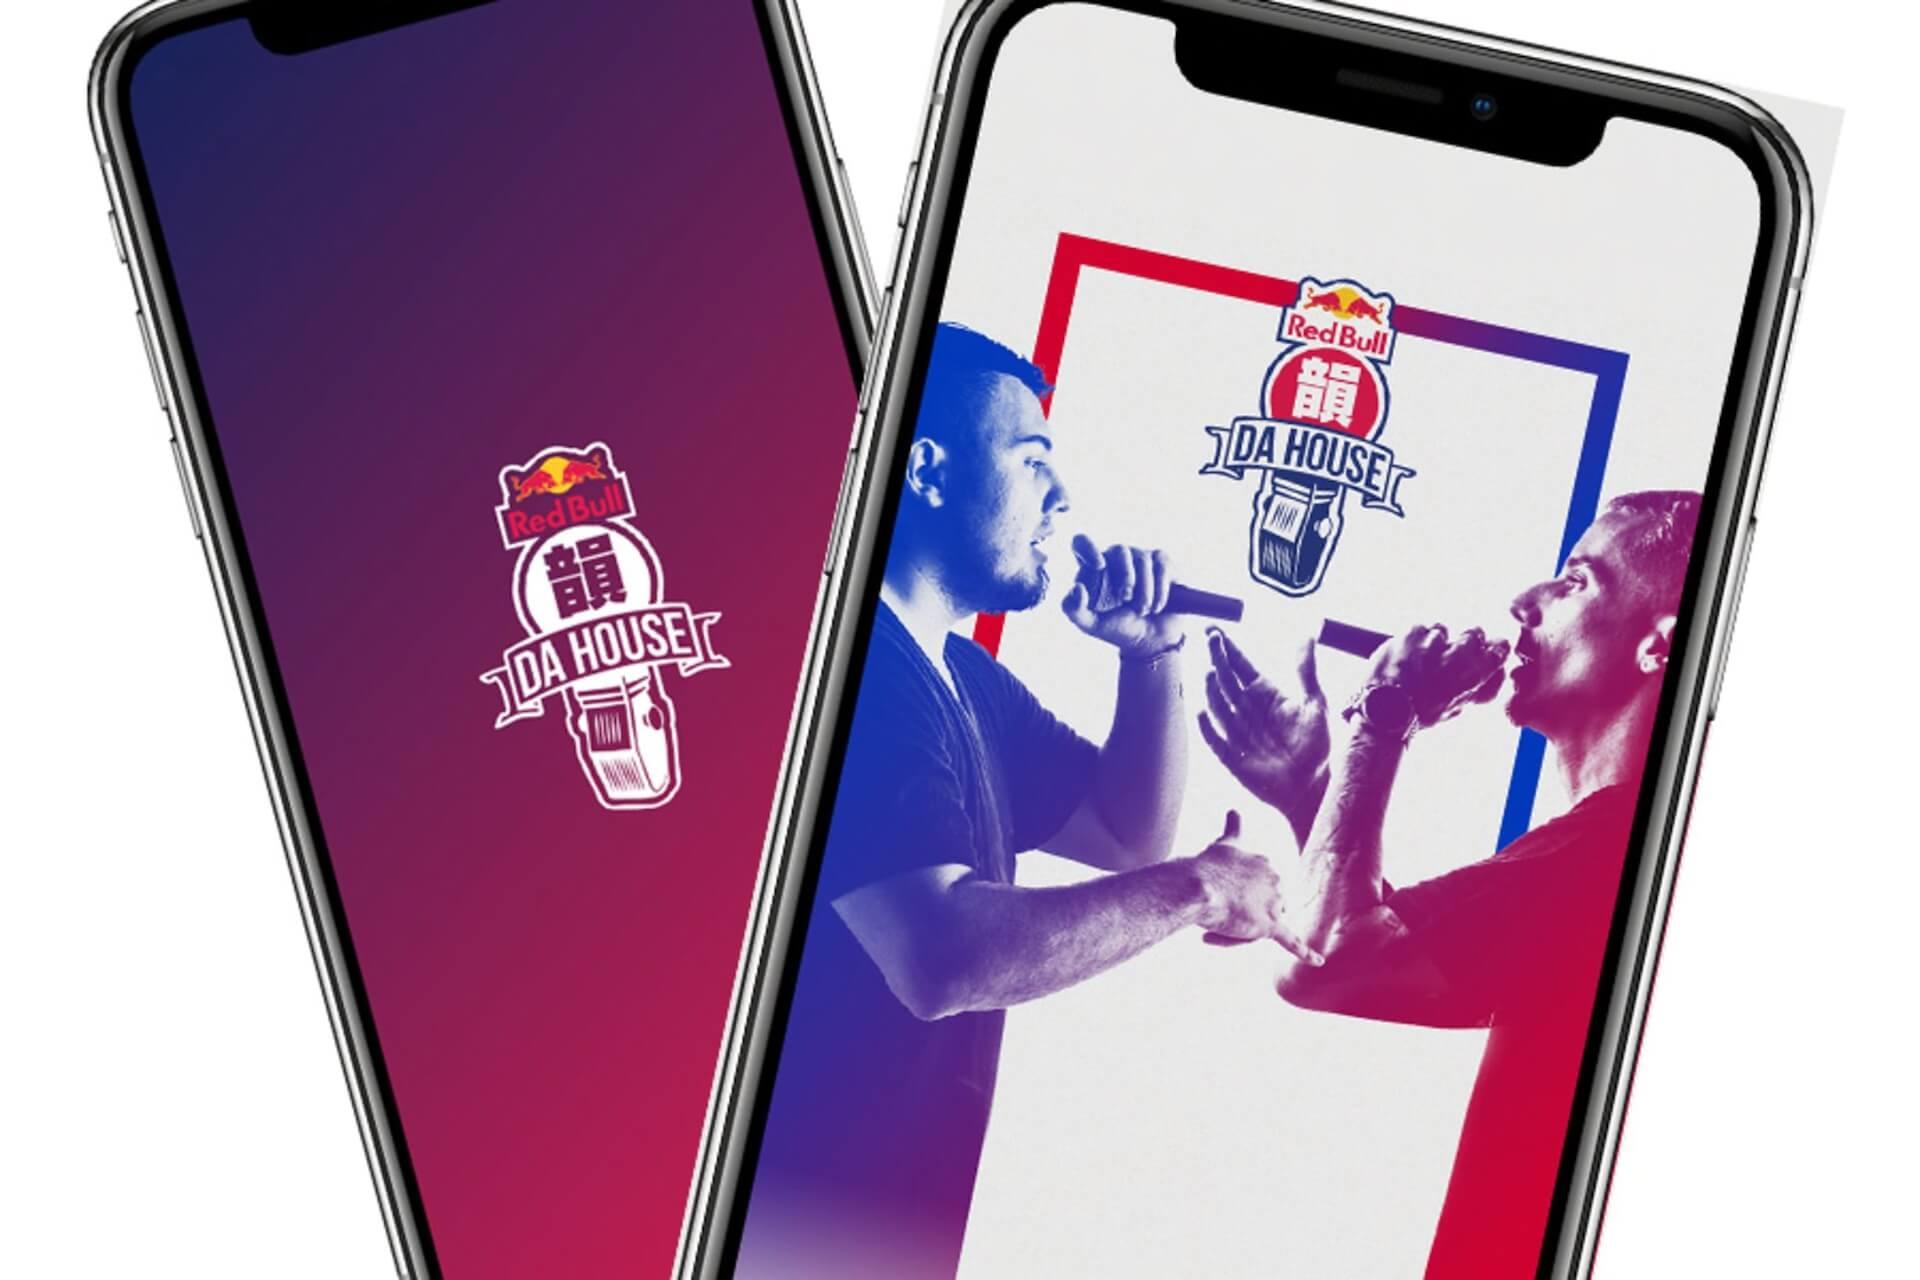 レッドブル主催のフリースタイル・ラップバトルが日本上陸!ラップスキルを磨ける公式アプリ「Red Bull 韻 DA HOUSE」がローンチ music210518_redbull-210518_5